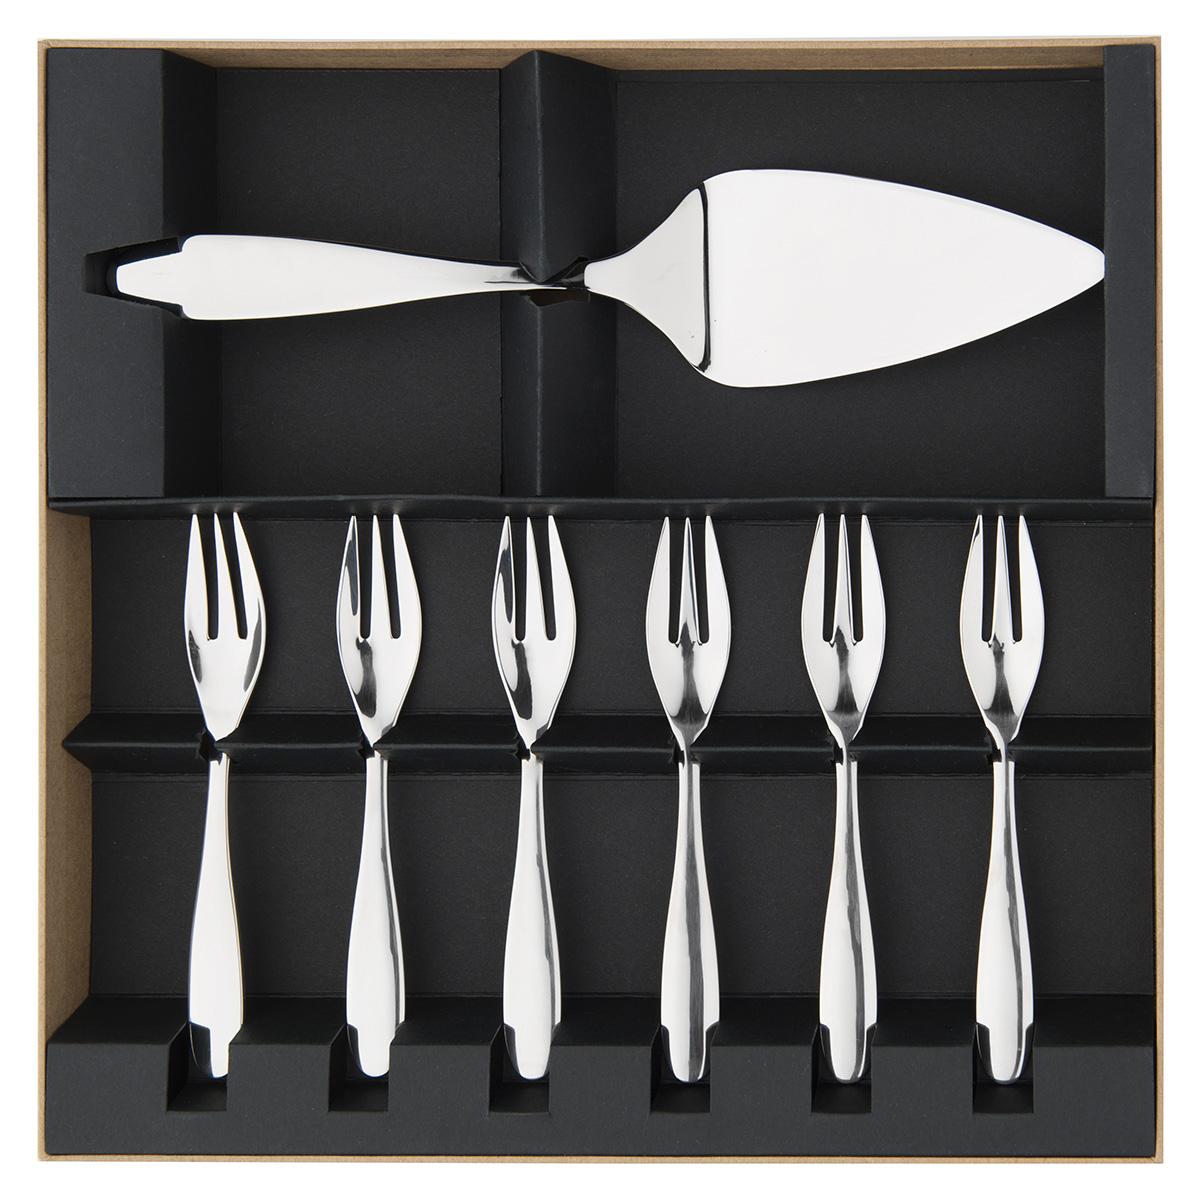 astree cisele miroir coffret service a gateaux couverts de table la table parisienne. Black Bedroom Furniture Sets. Home Design Ideas